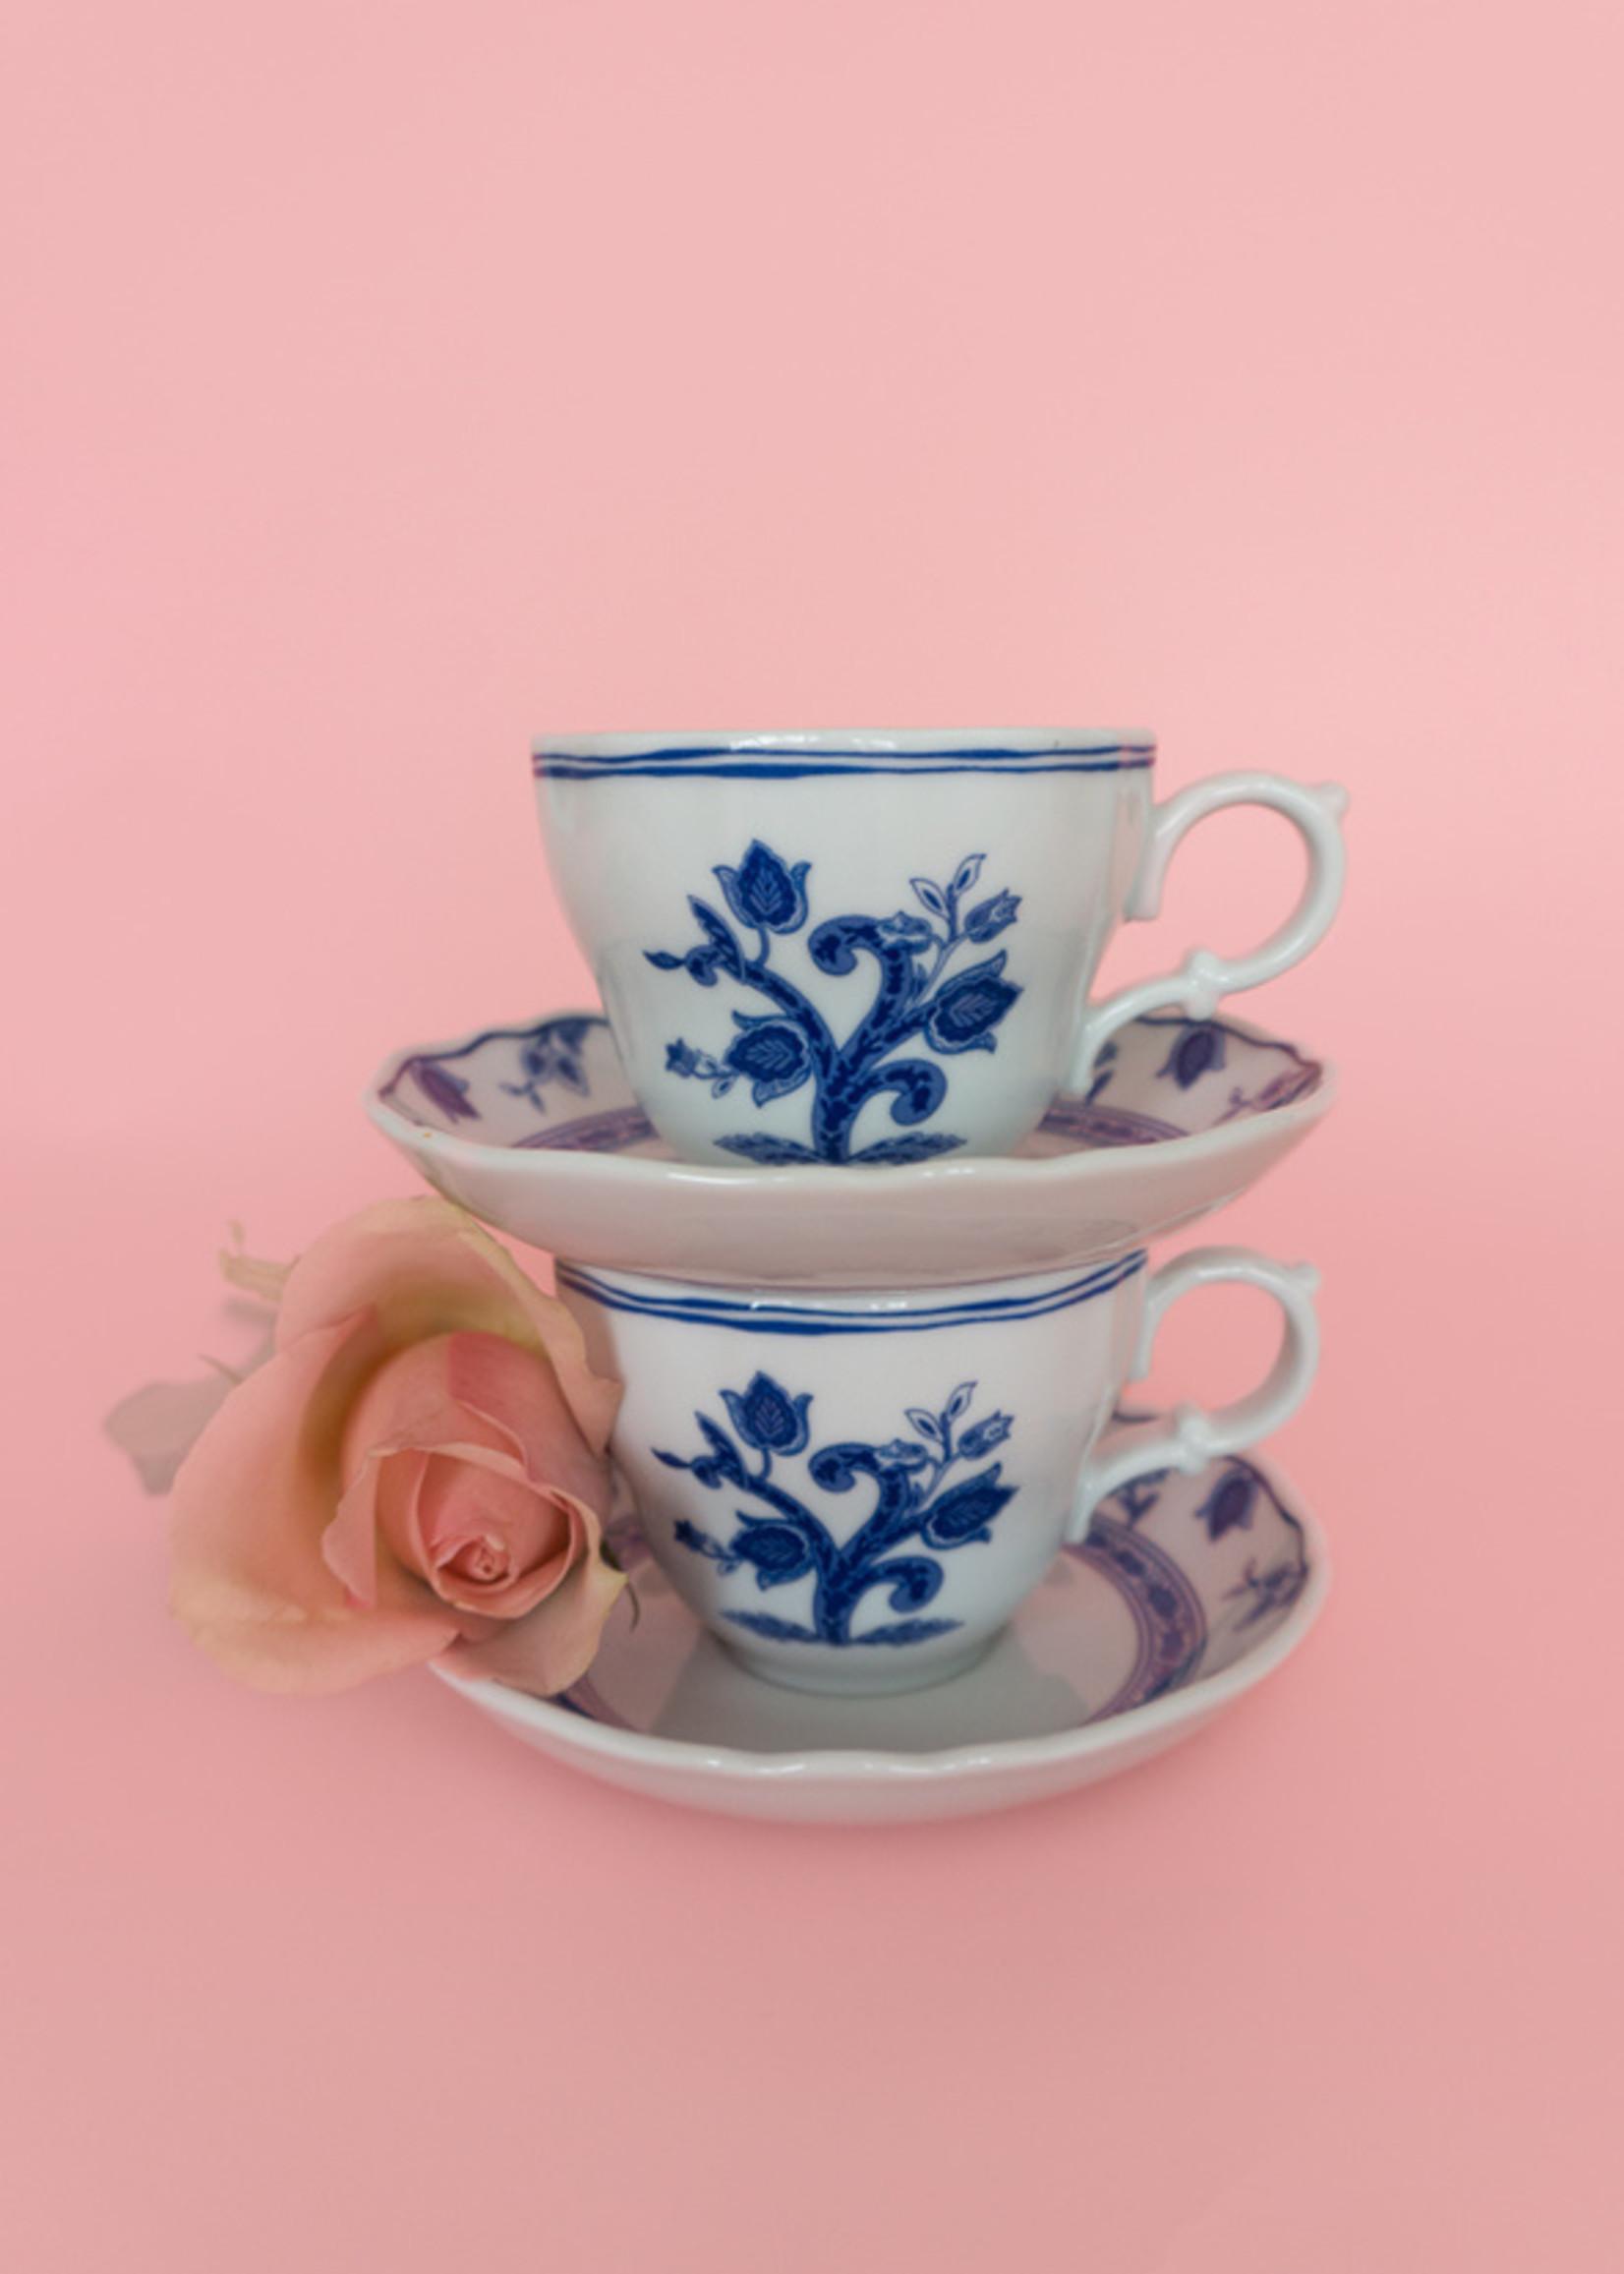 Estheréa's cup & saucer from Maria's Bar